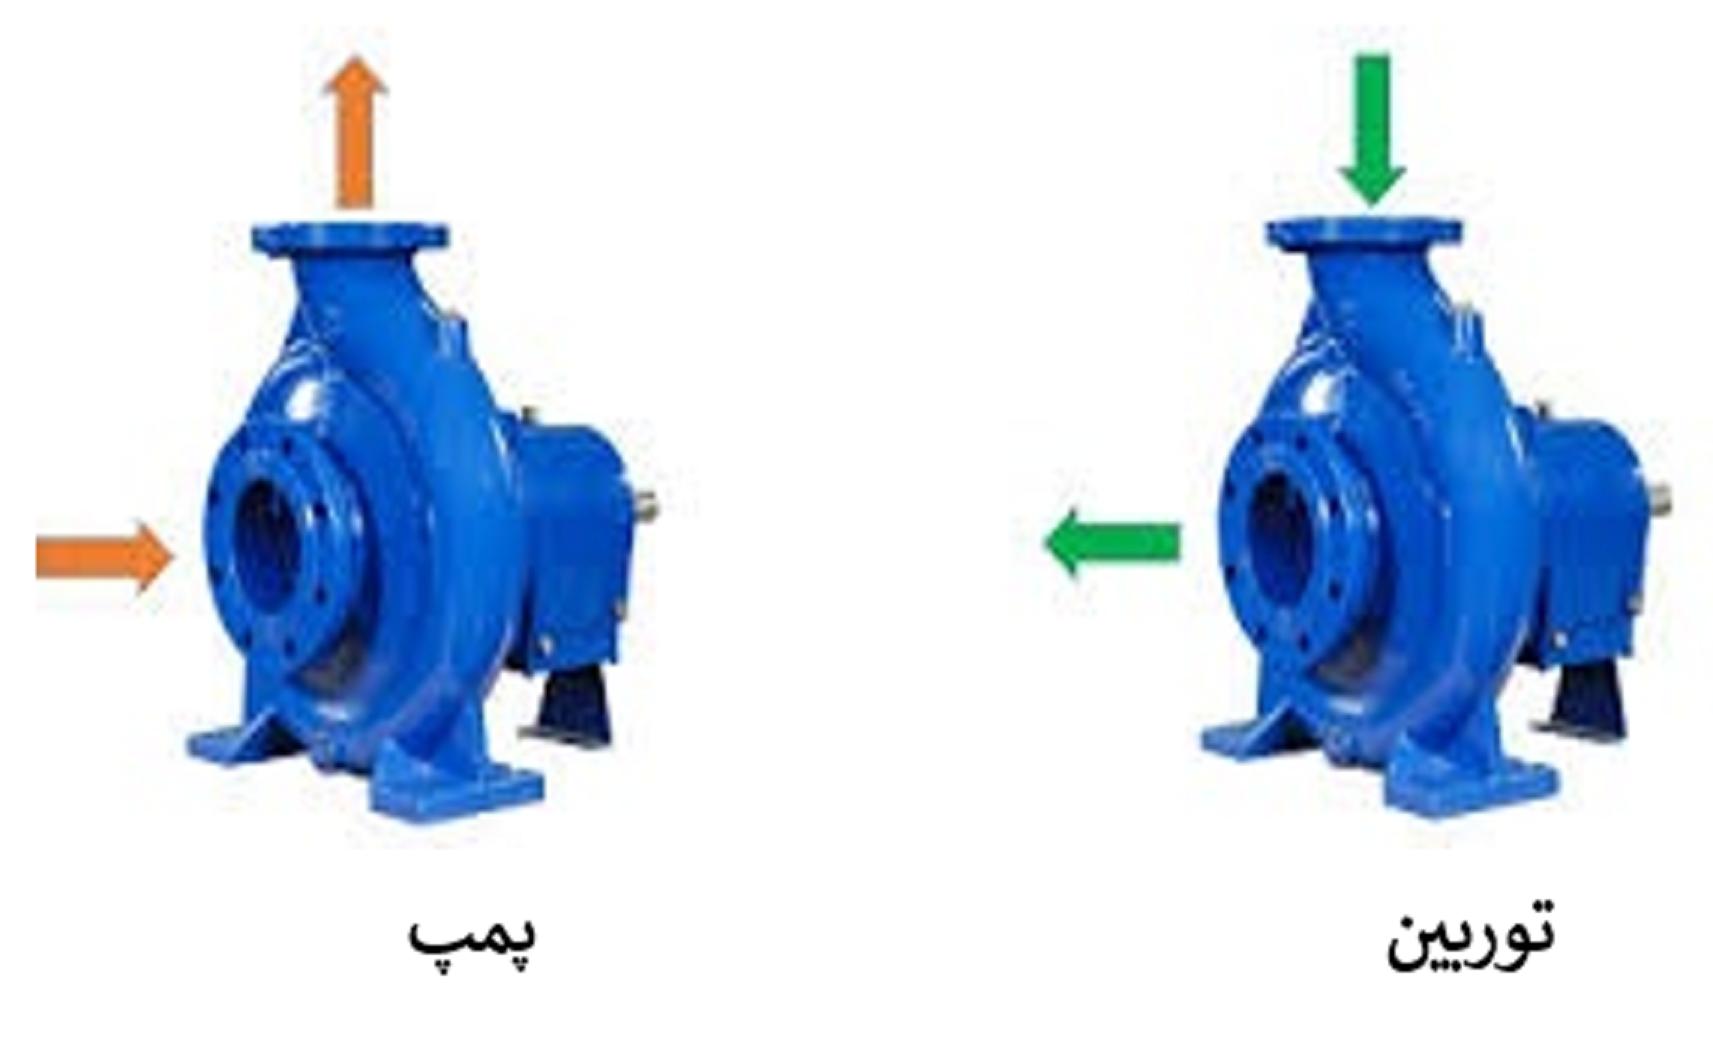 سیستم برق آبی کوچک خود را با الکترو پمپ بسازید